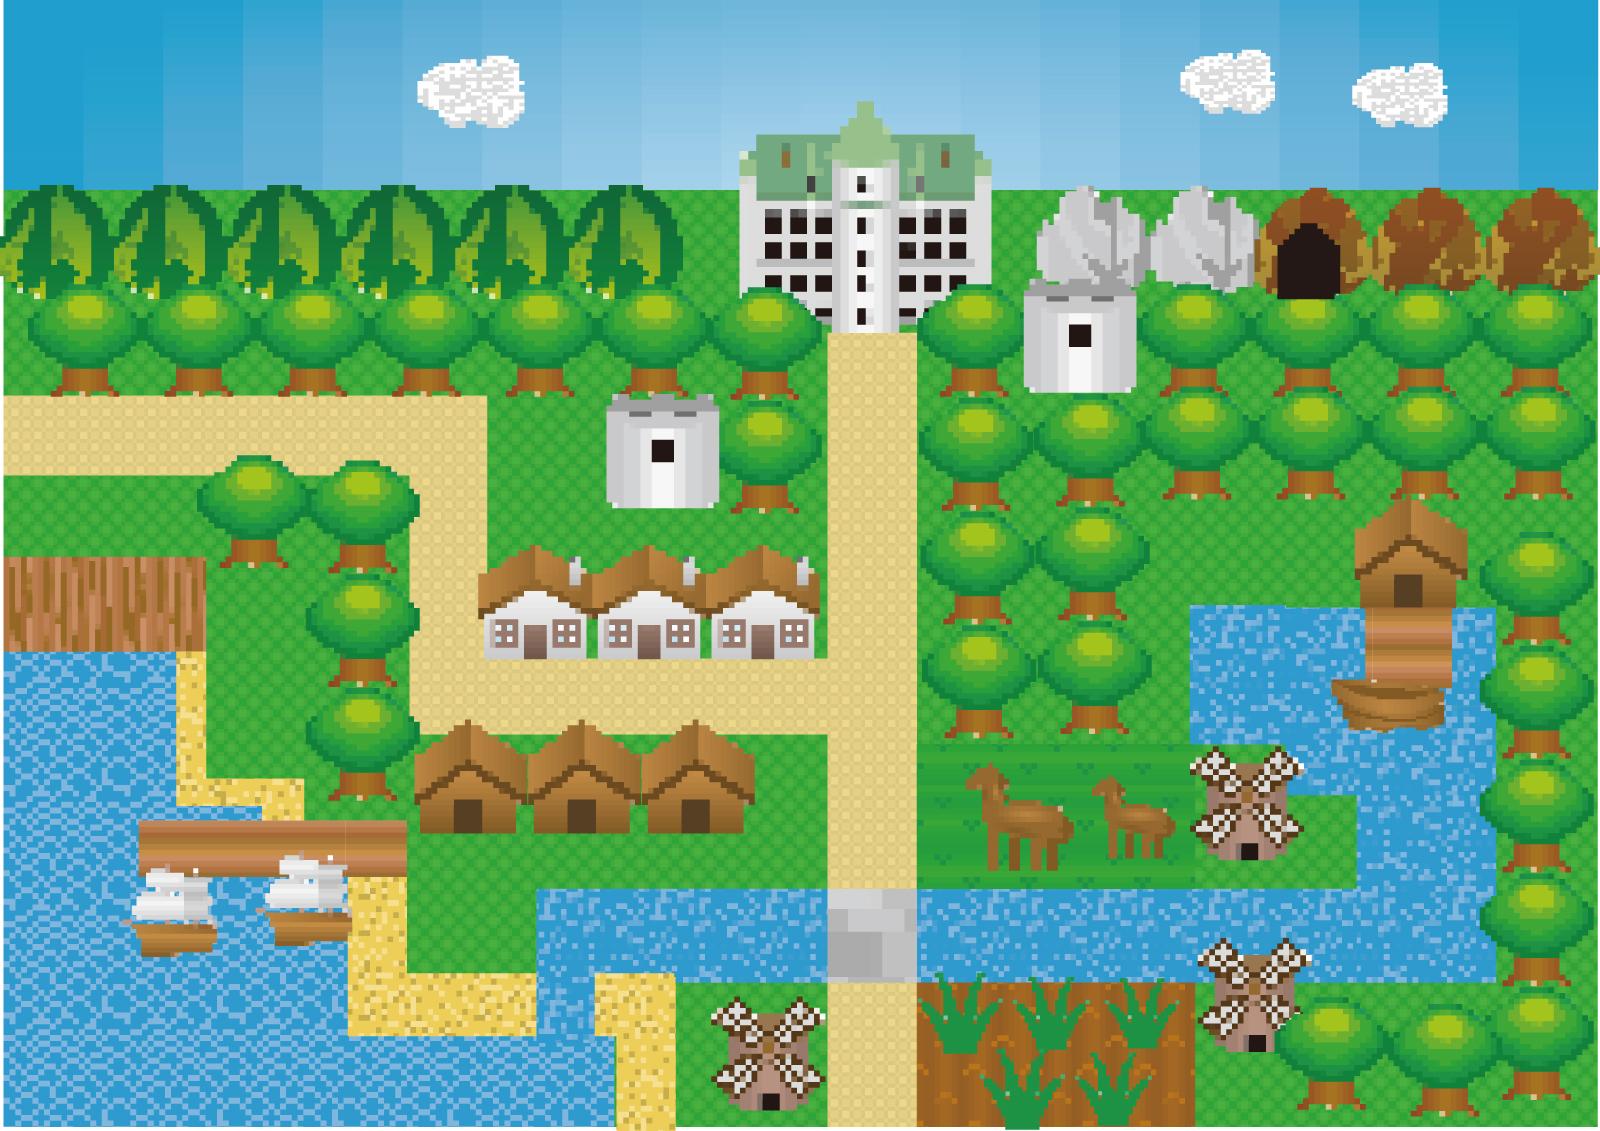 ゲーム紹介する時のアイキャッチ画像